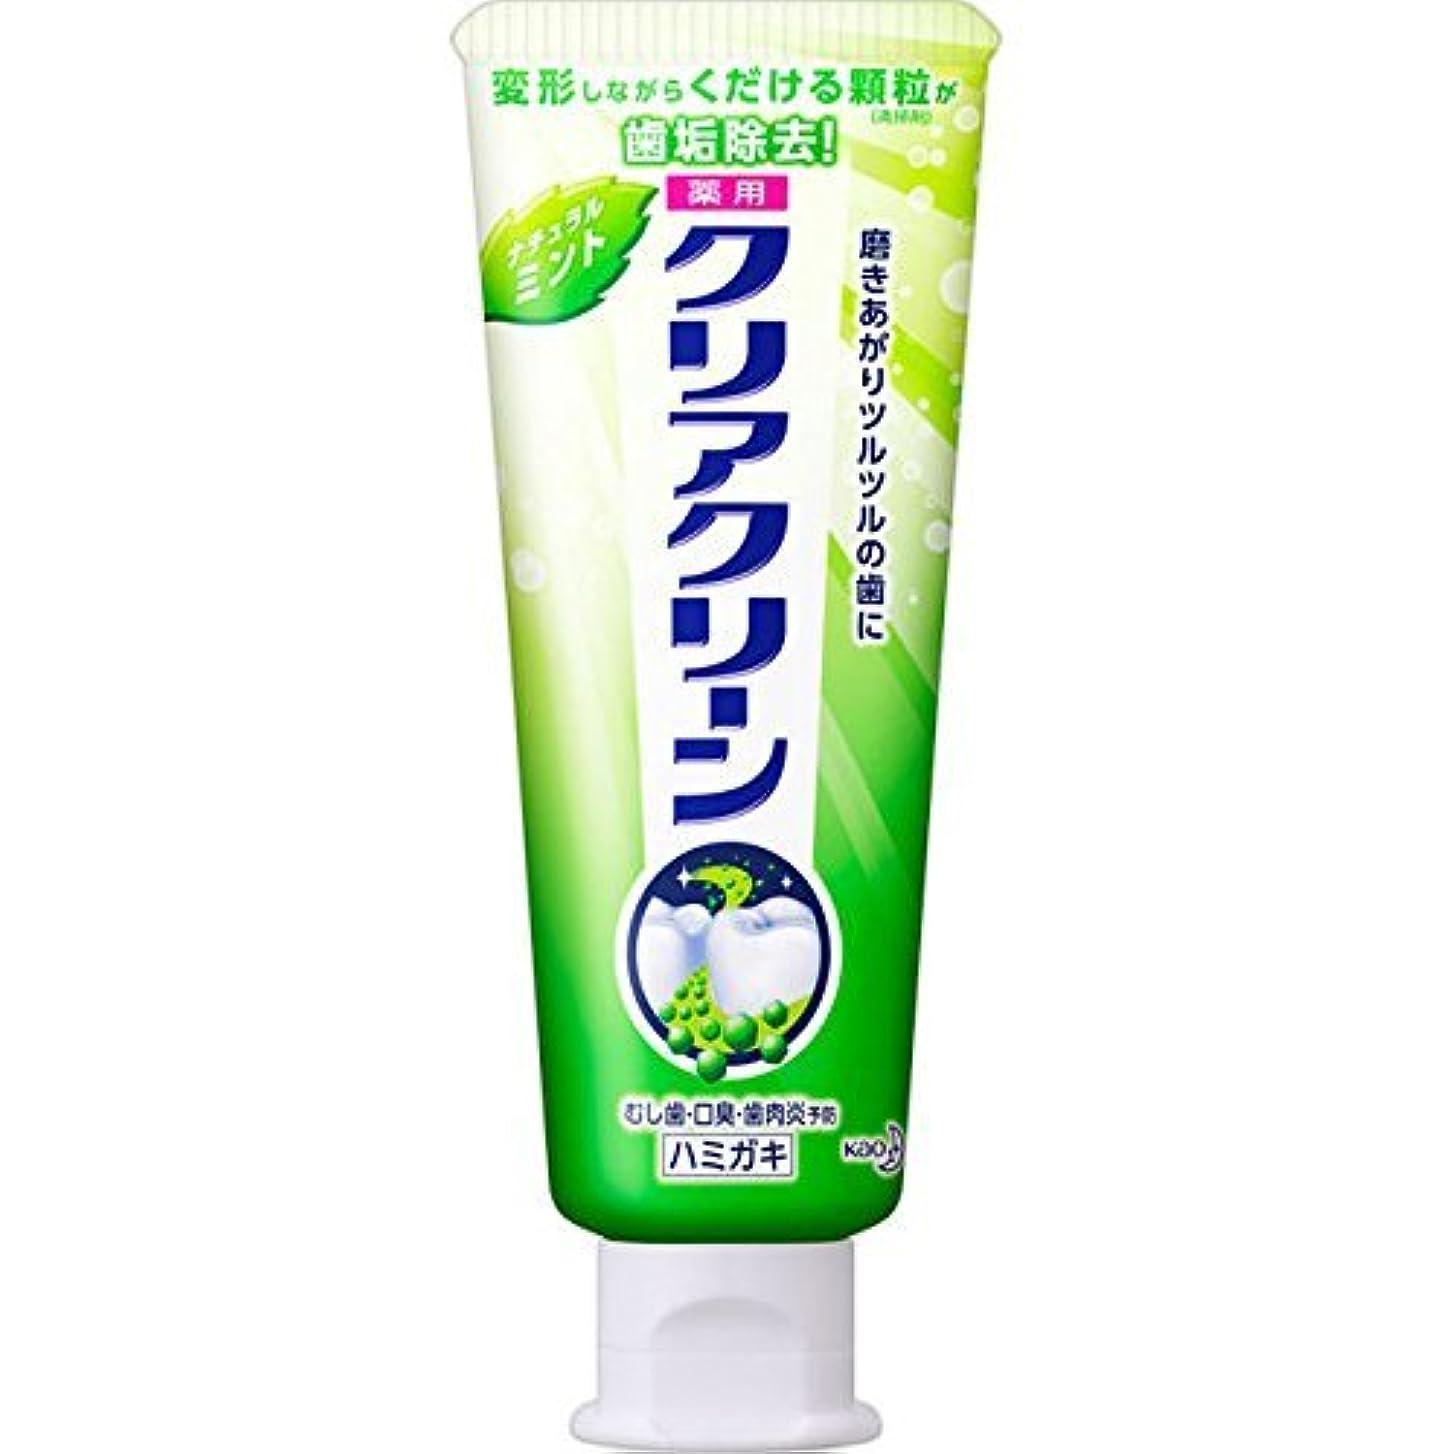 花王 クリアクリーンナチュラルミント小 80g (医薬部外品)